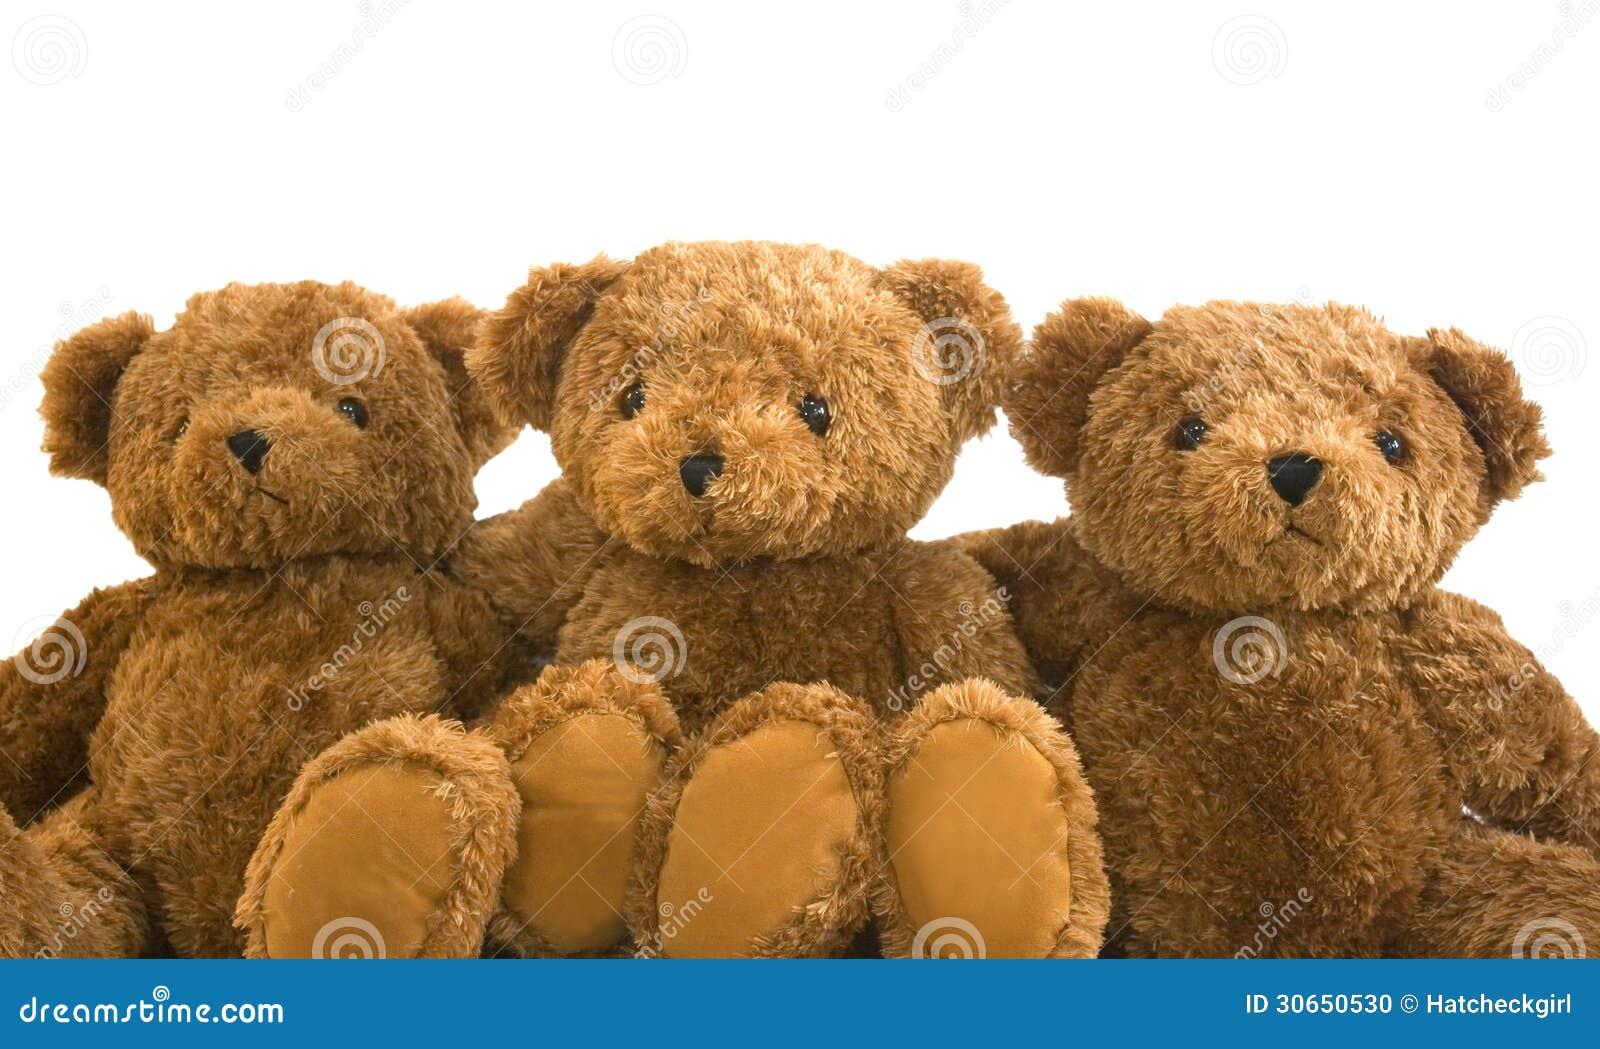 teddies stock photo